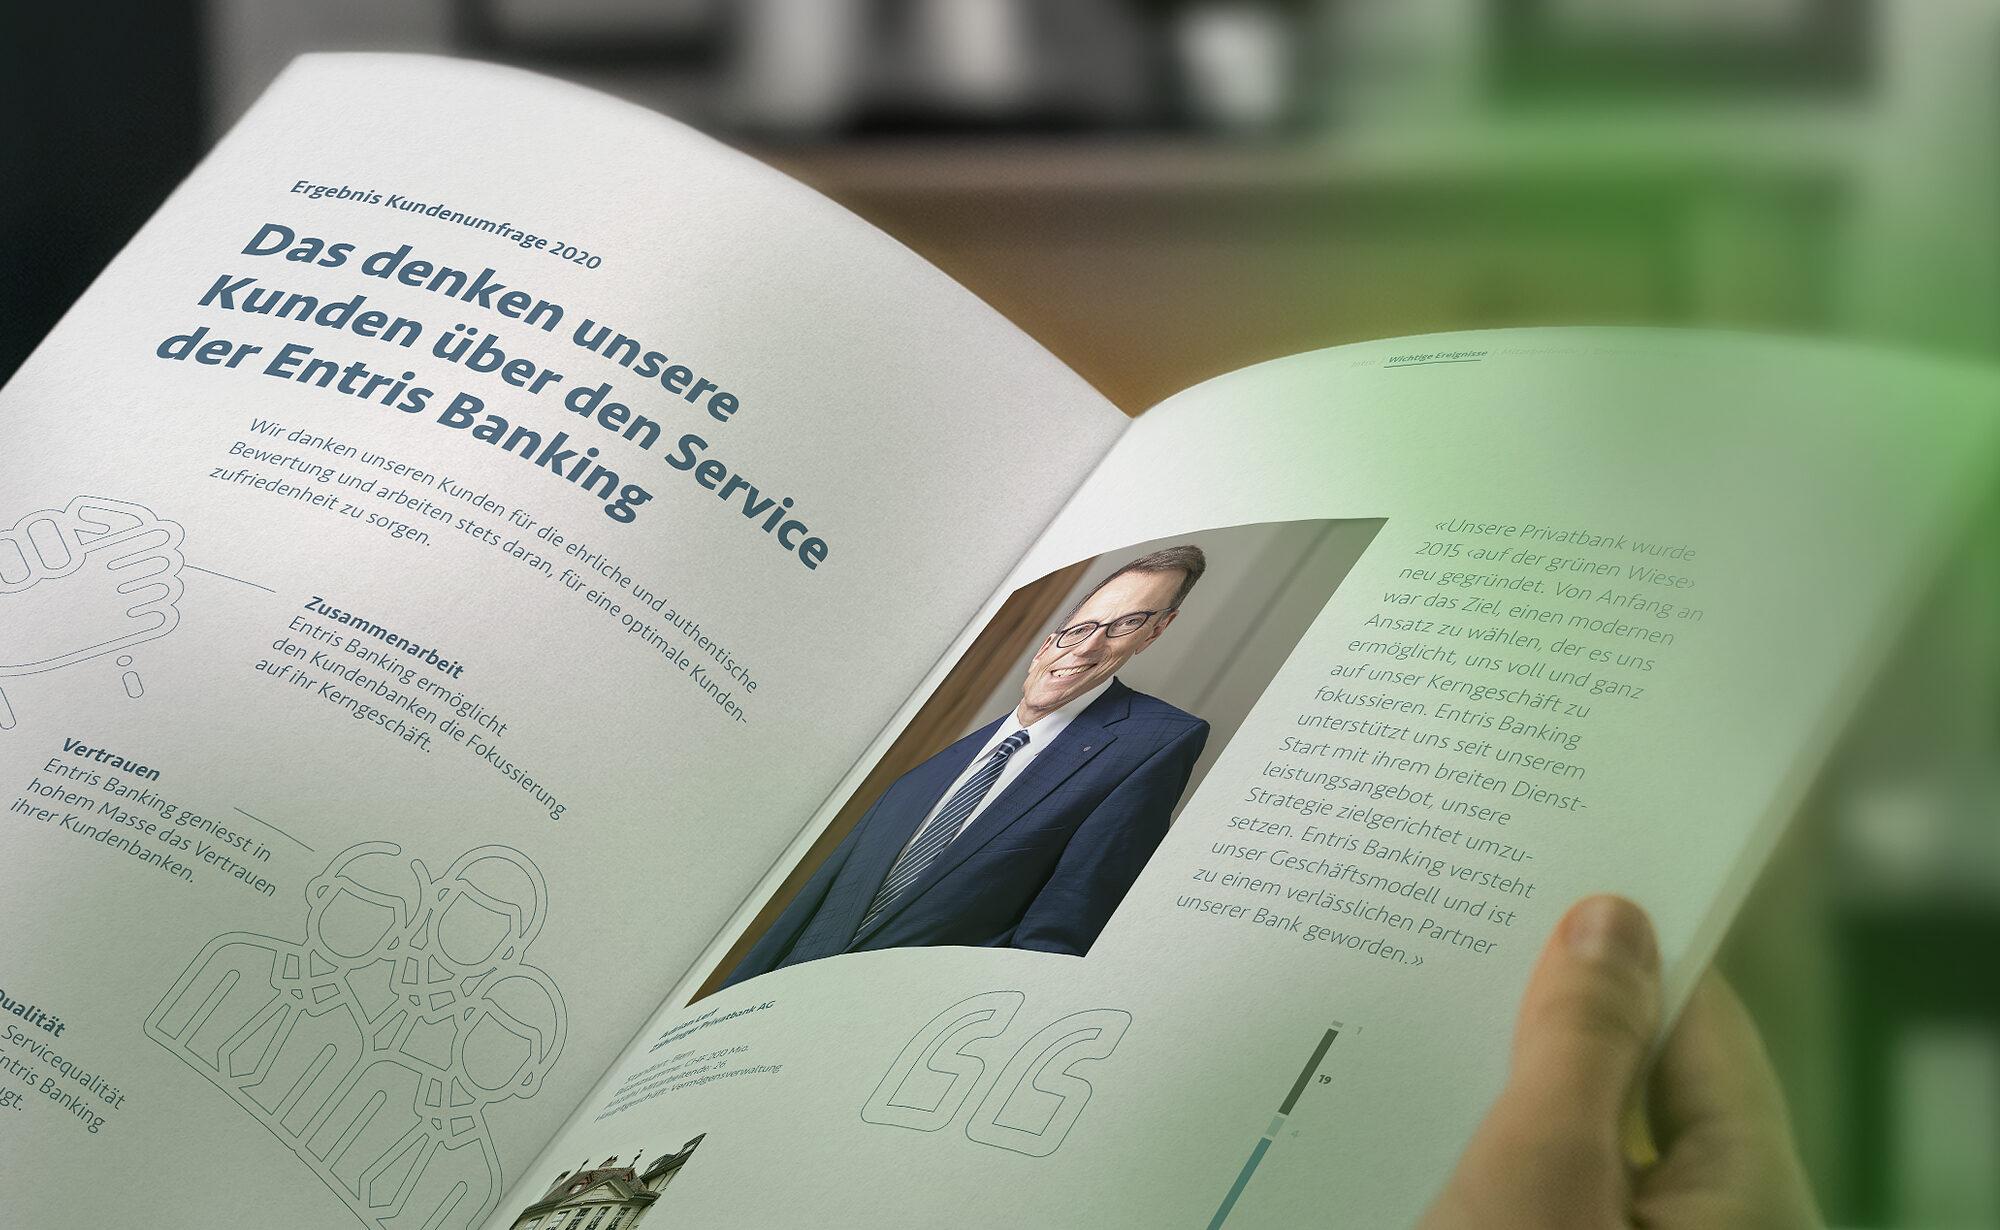 Vorschaubild - Entris Banking Geschäftsbericht